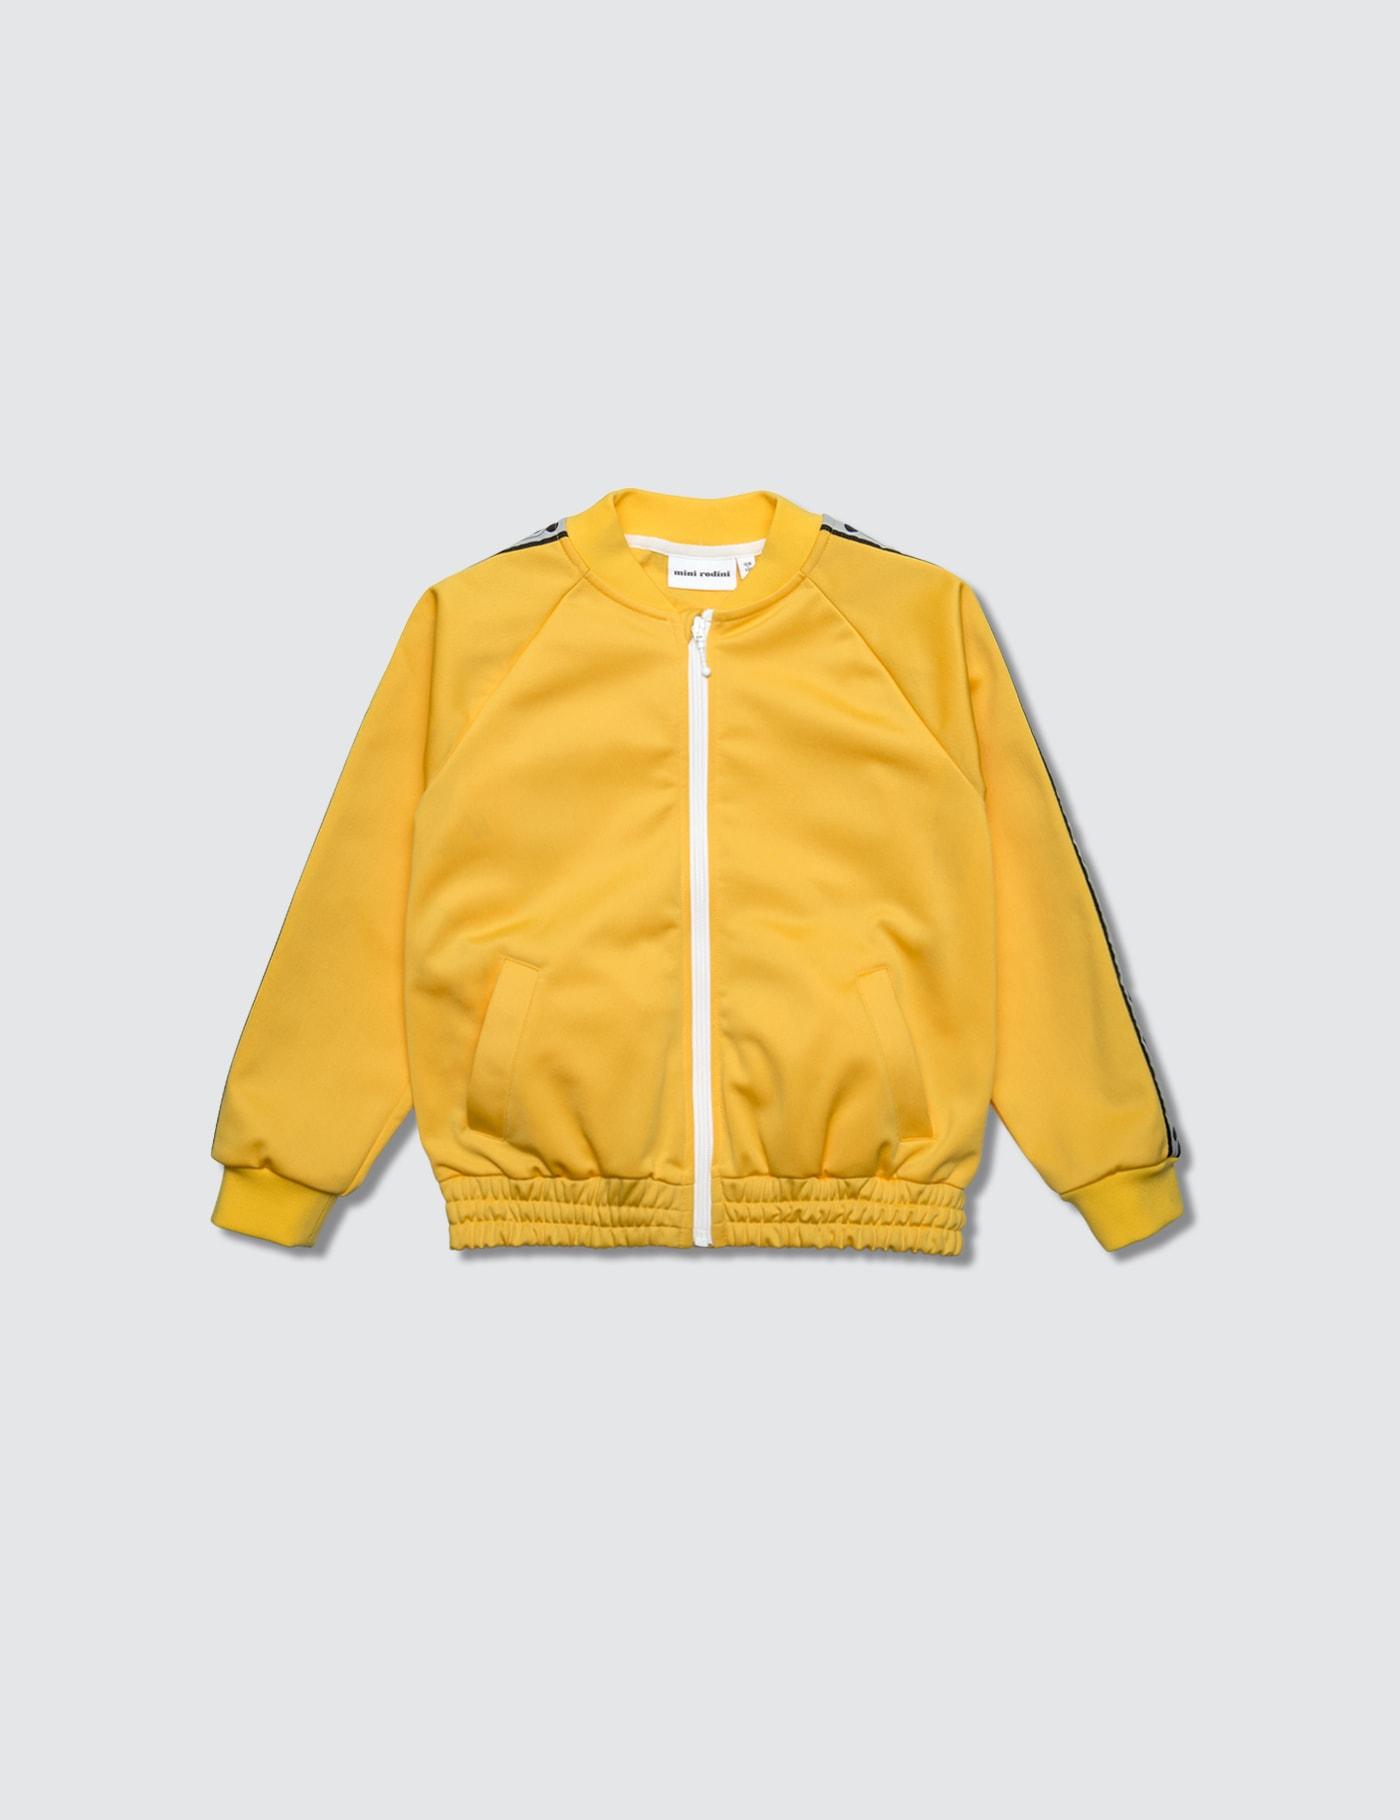 Panda Wct Jacket